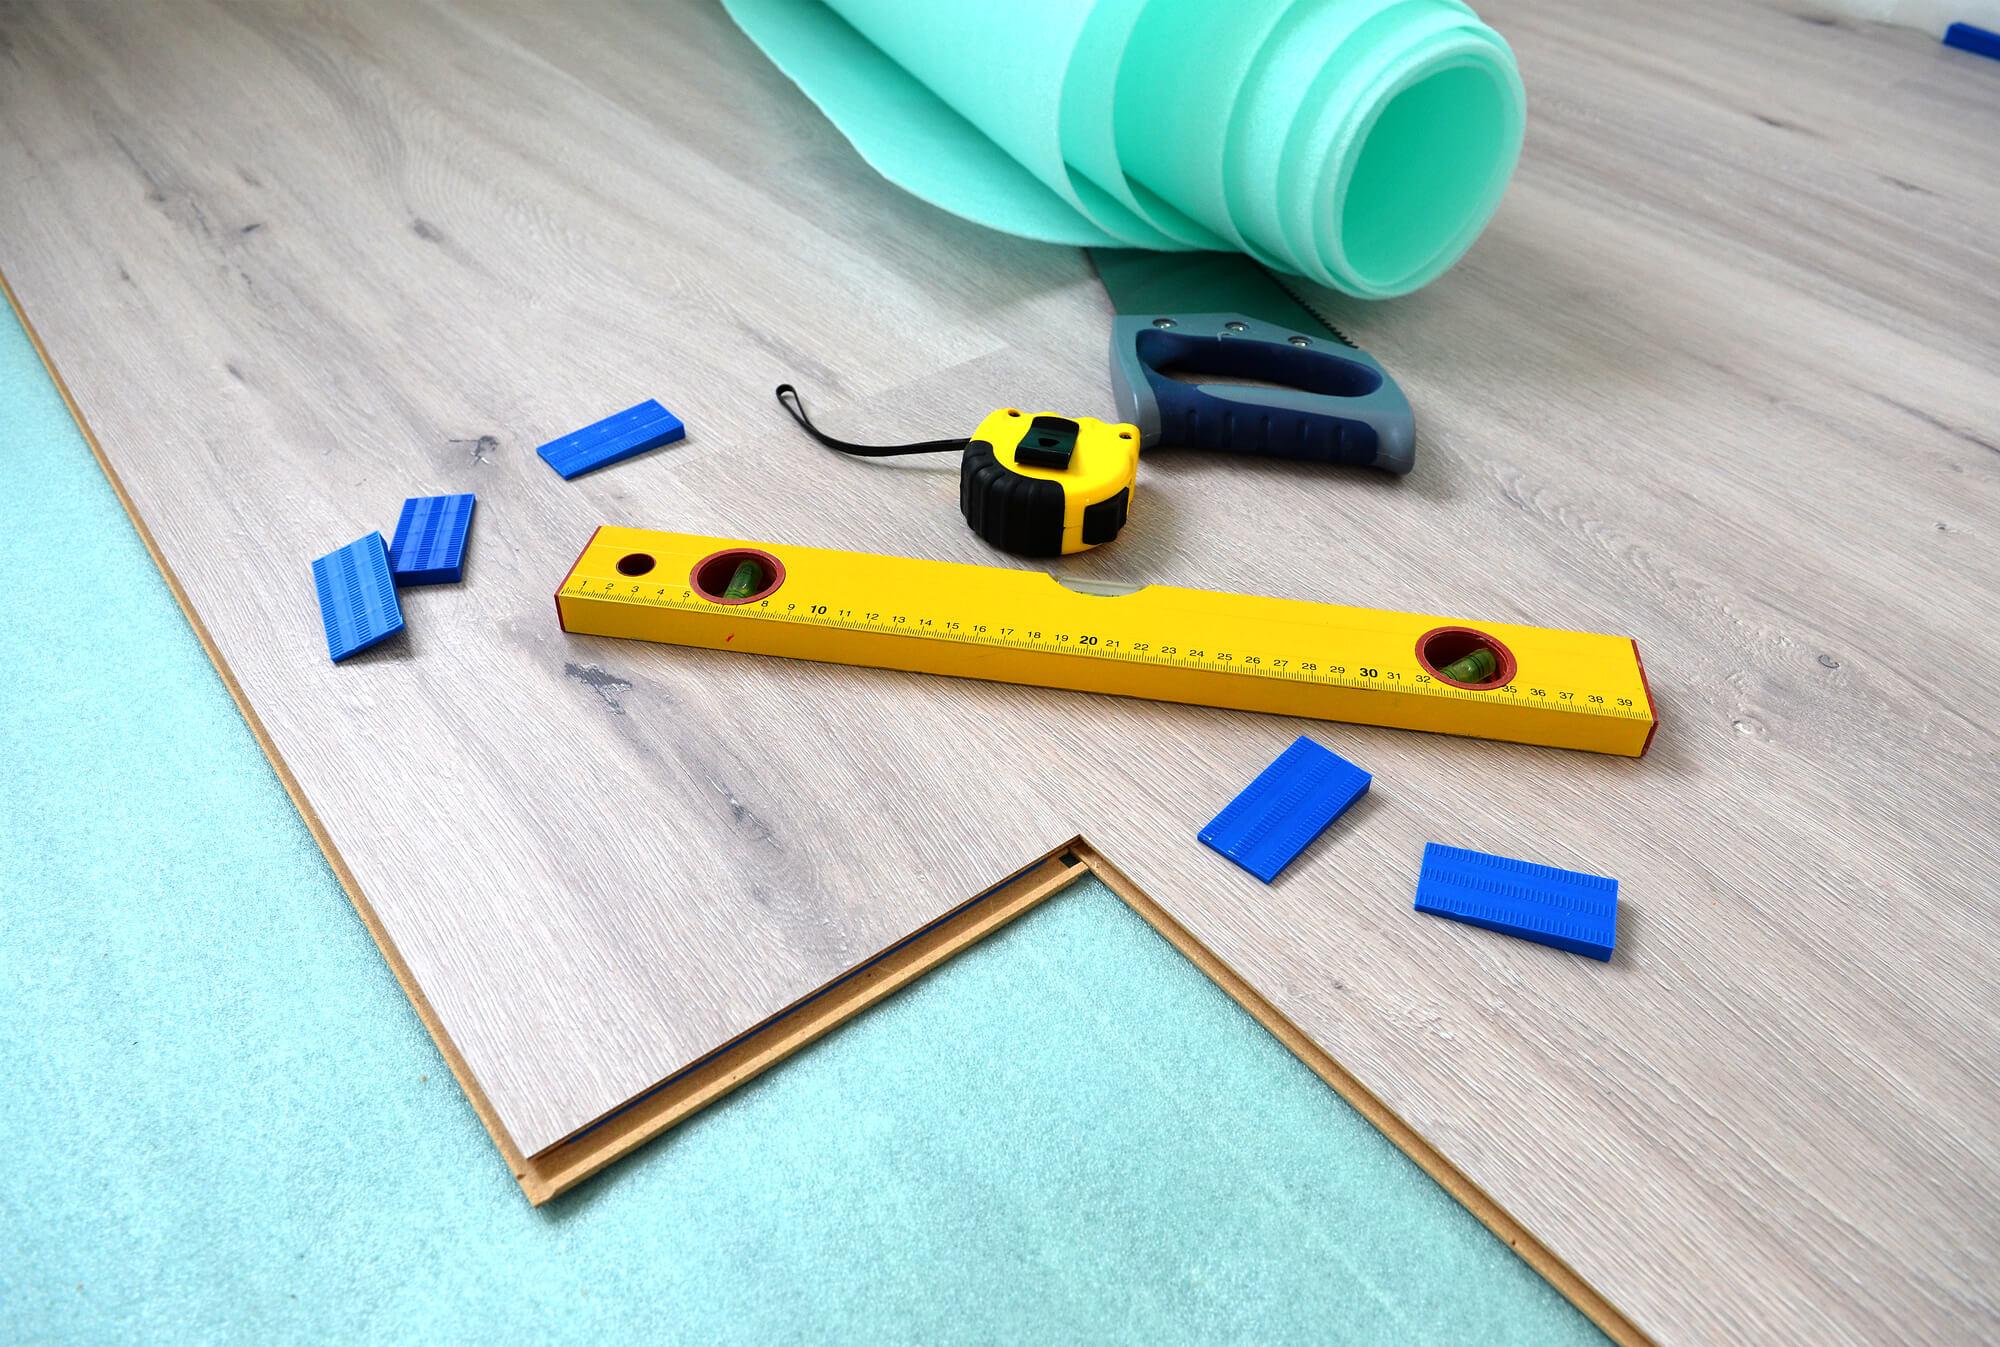 Podkład pod panele podłogowe - jaki wybrać